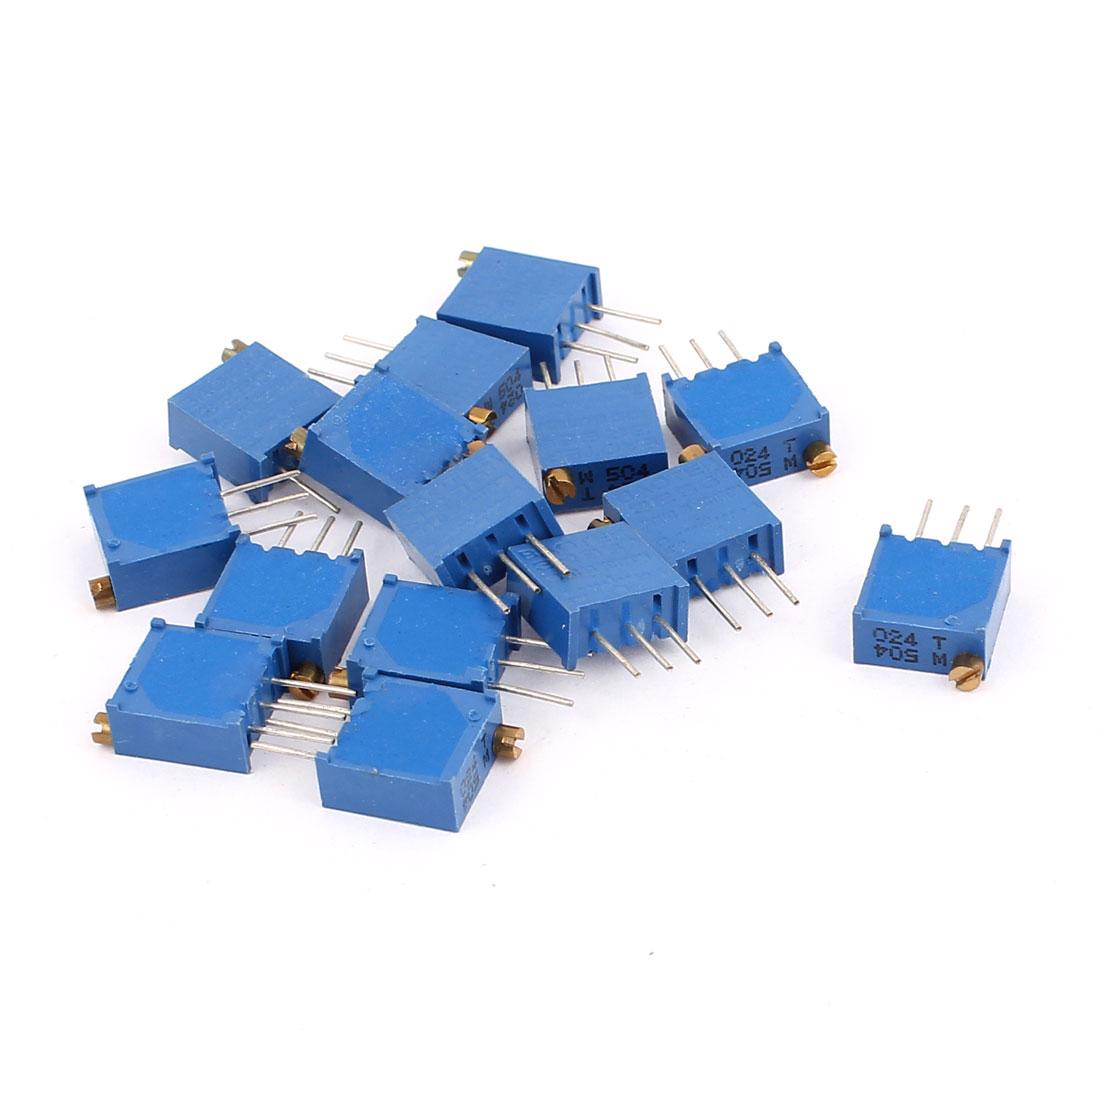 15 Pcs 3296W 500K ohm Multiturn Potentiometer Pot Variable Resistor